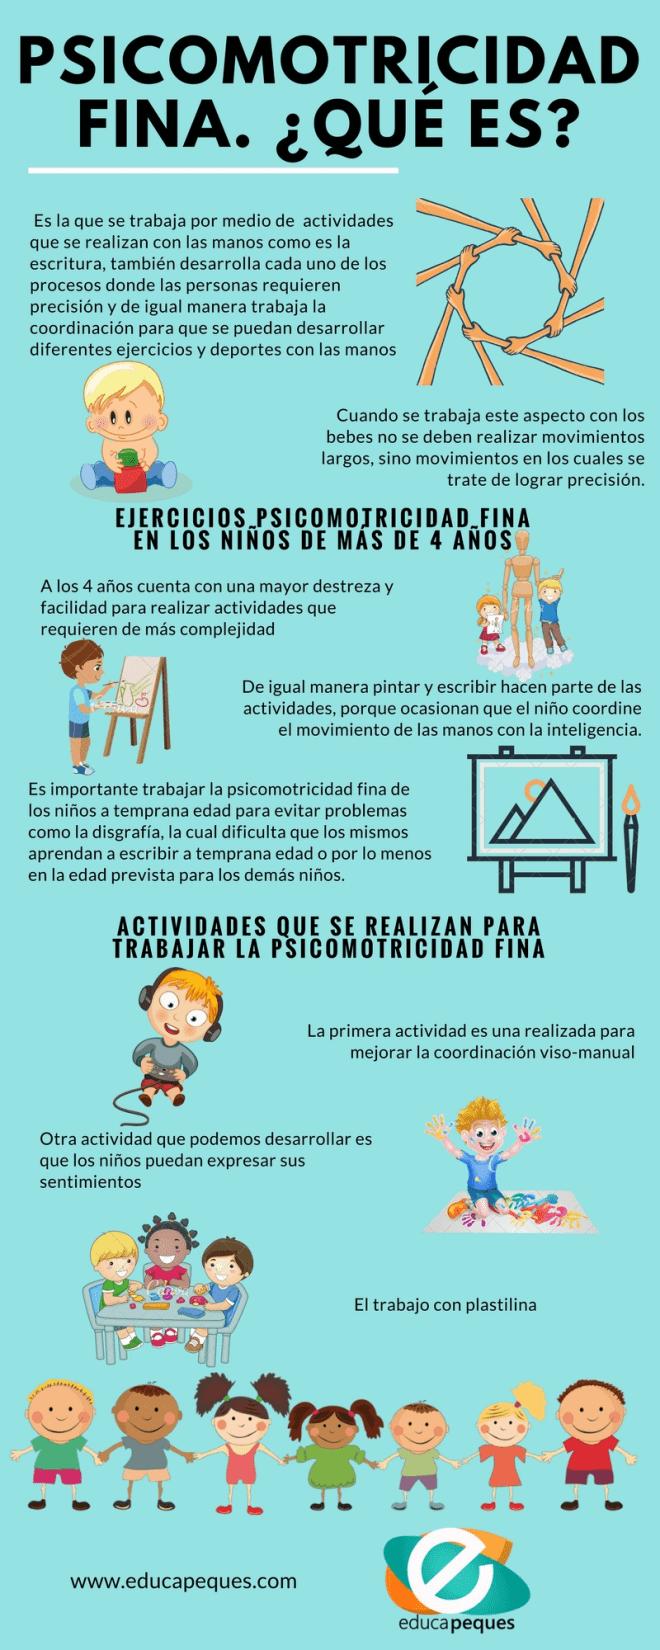 infografía psicomotricidad fina